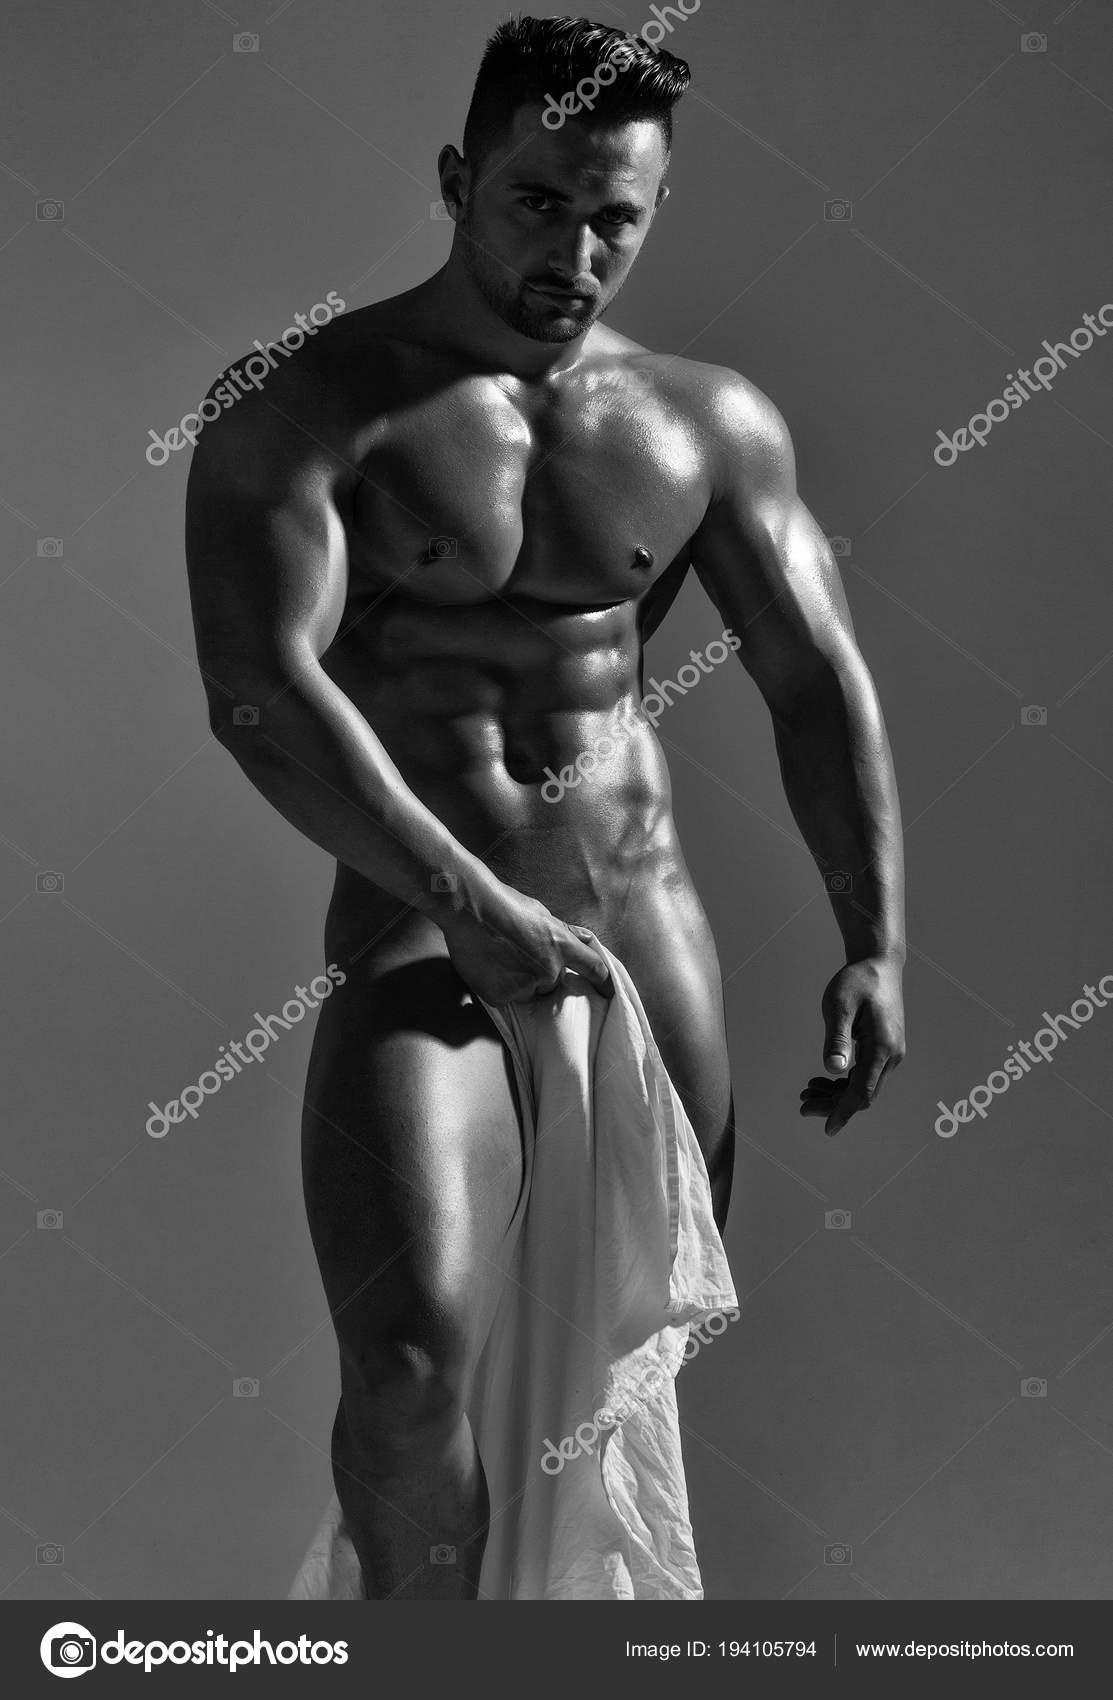 Beefy asian men nude